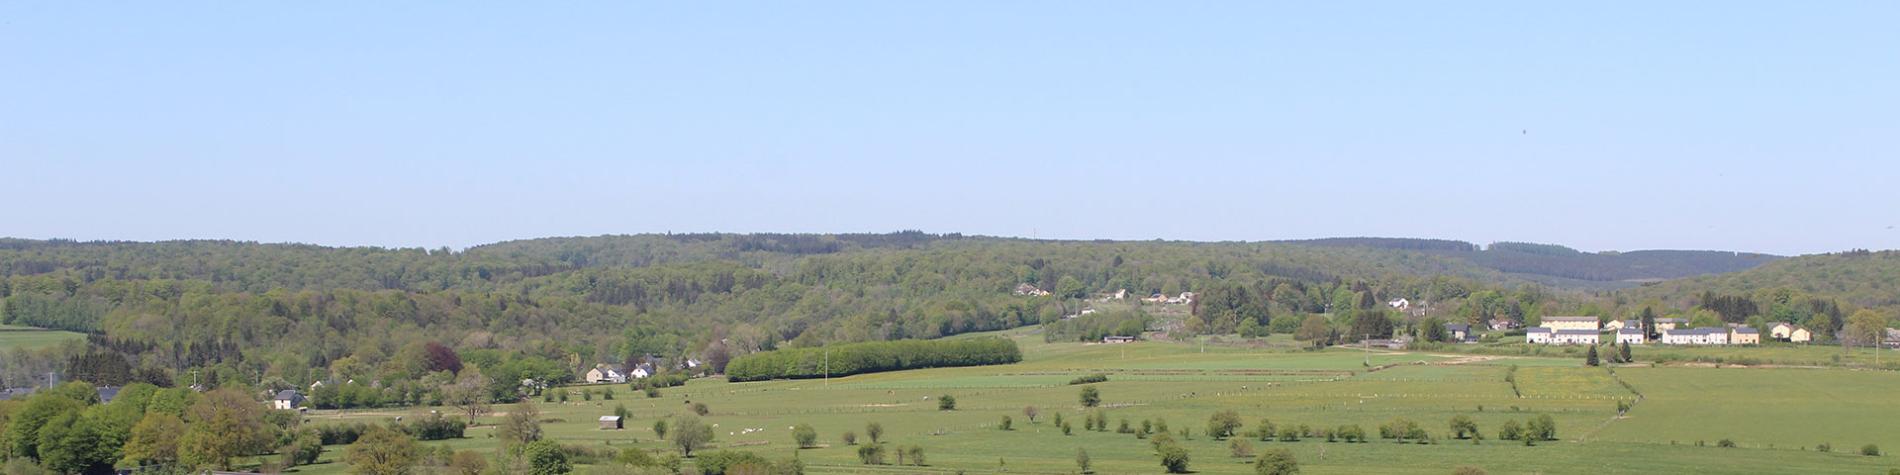 Panorama - derrière l'église de Florenville